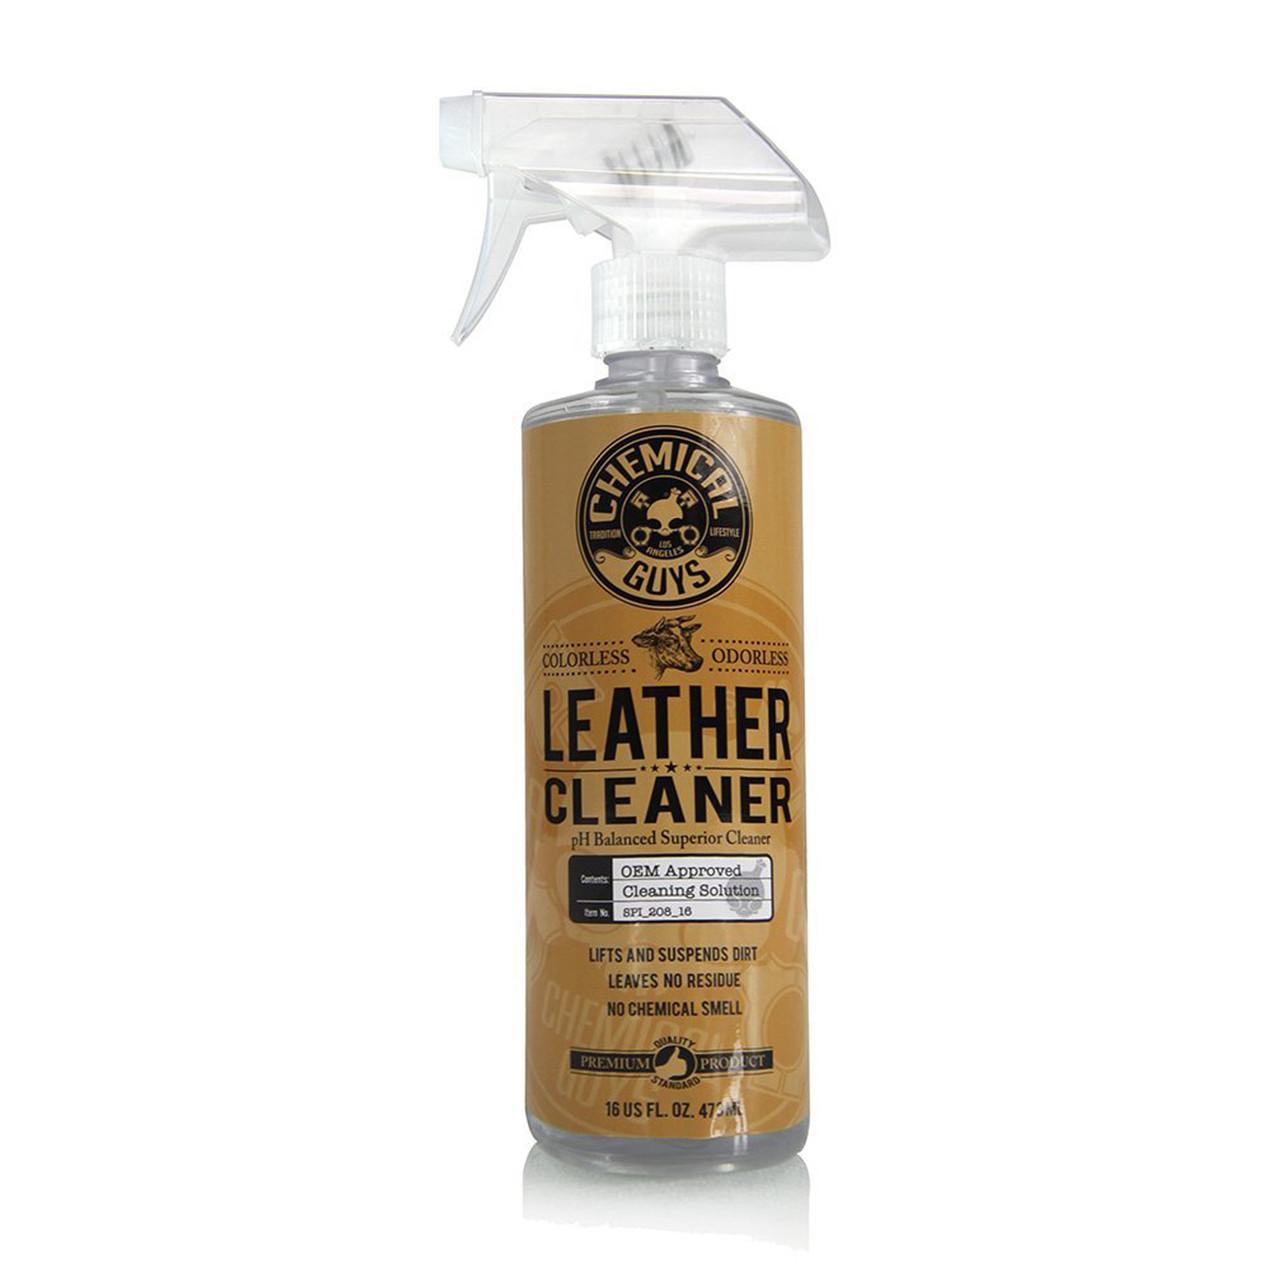 Leather Cleaner - Очиститель для кожи, нейтральный, 118 мл Chemical Guys